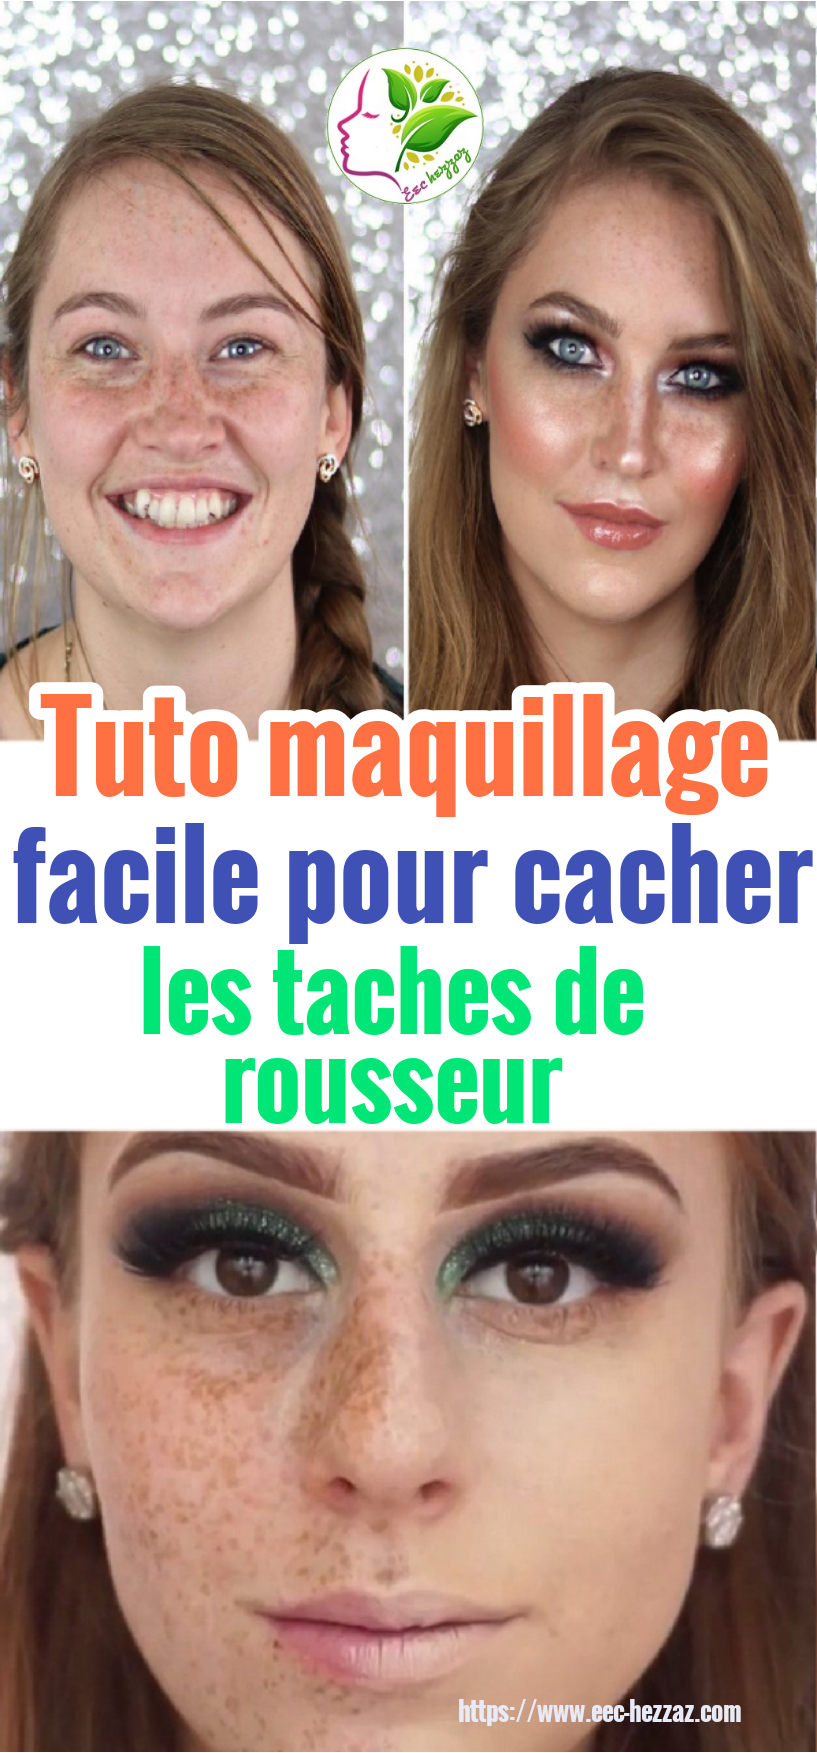 Tuto maquillage facile pour cacher les taches de rousseur